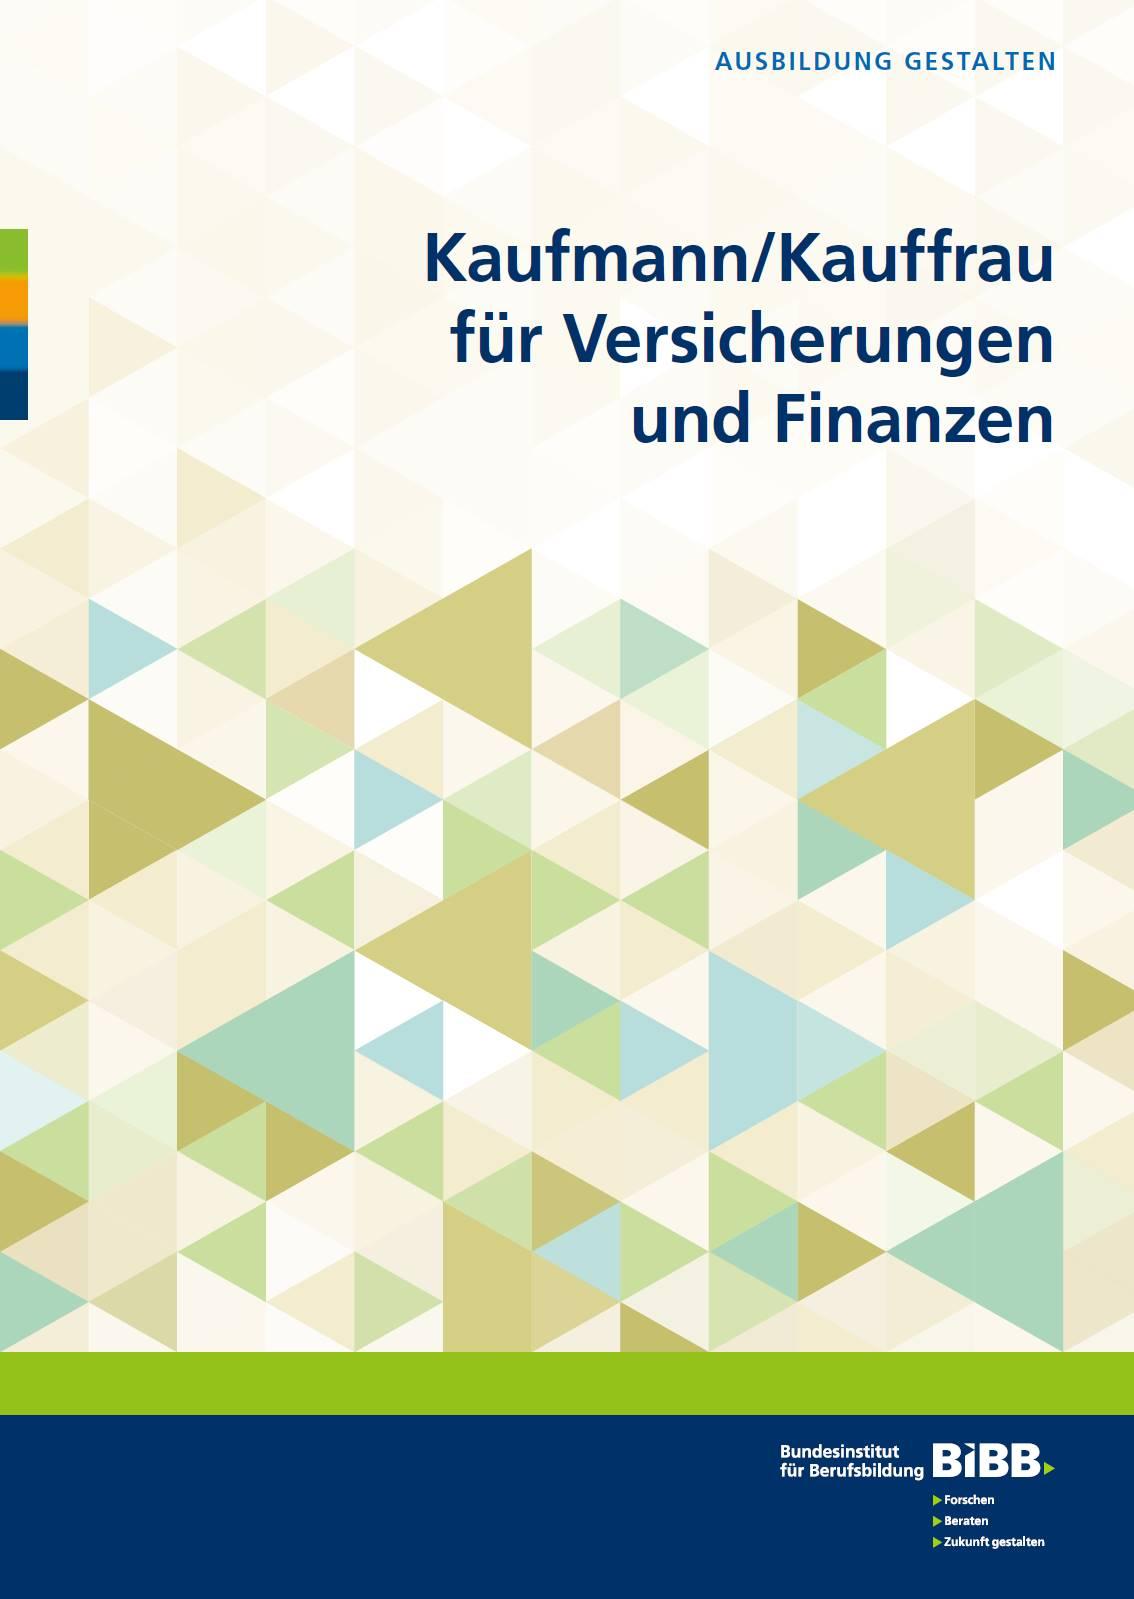 """Kaufmann/Kauffrau für Versicherungen und Finanzen in der Reihe """"Ausbildung gestalten"""" erschienen"""